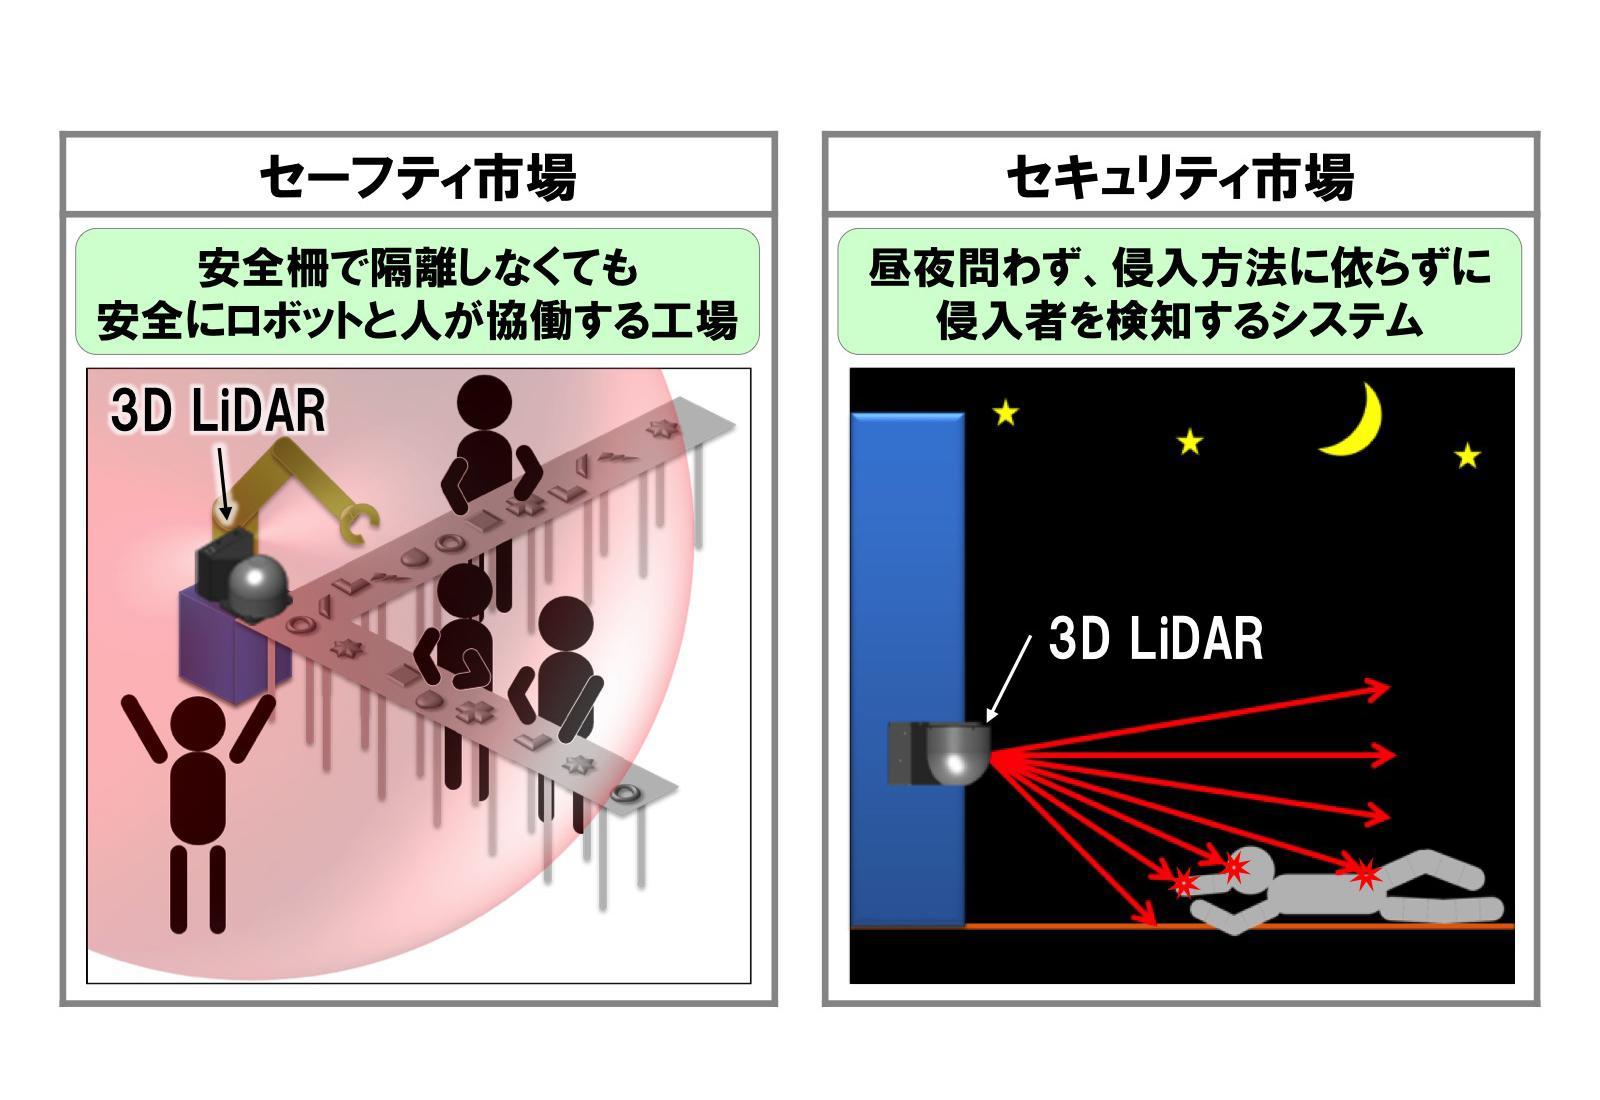 3D LiDARの用途展開